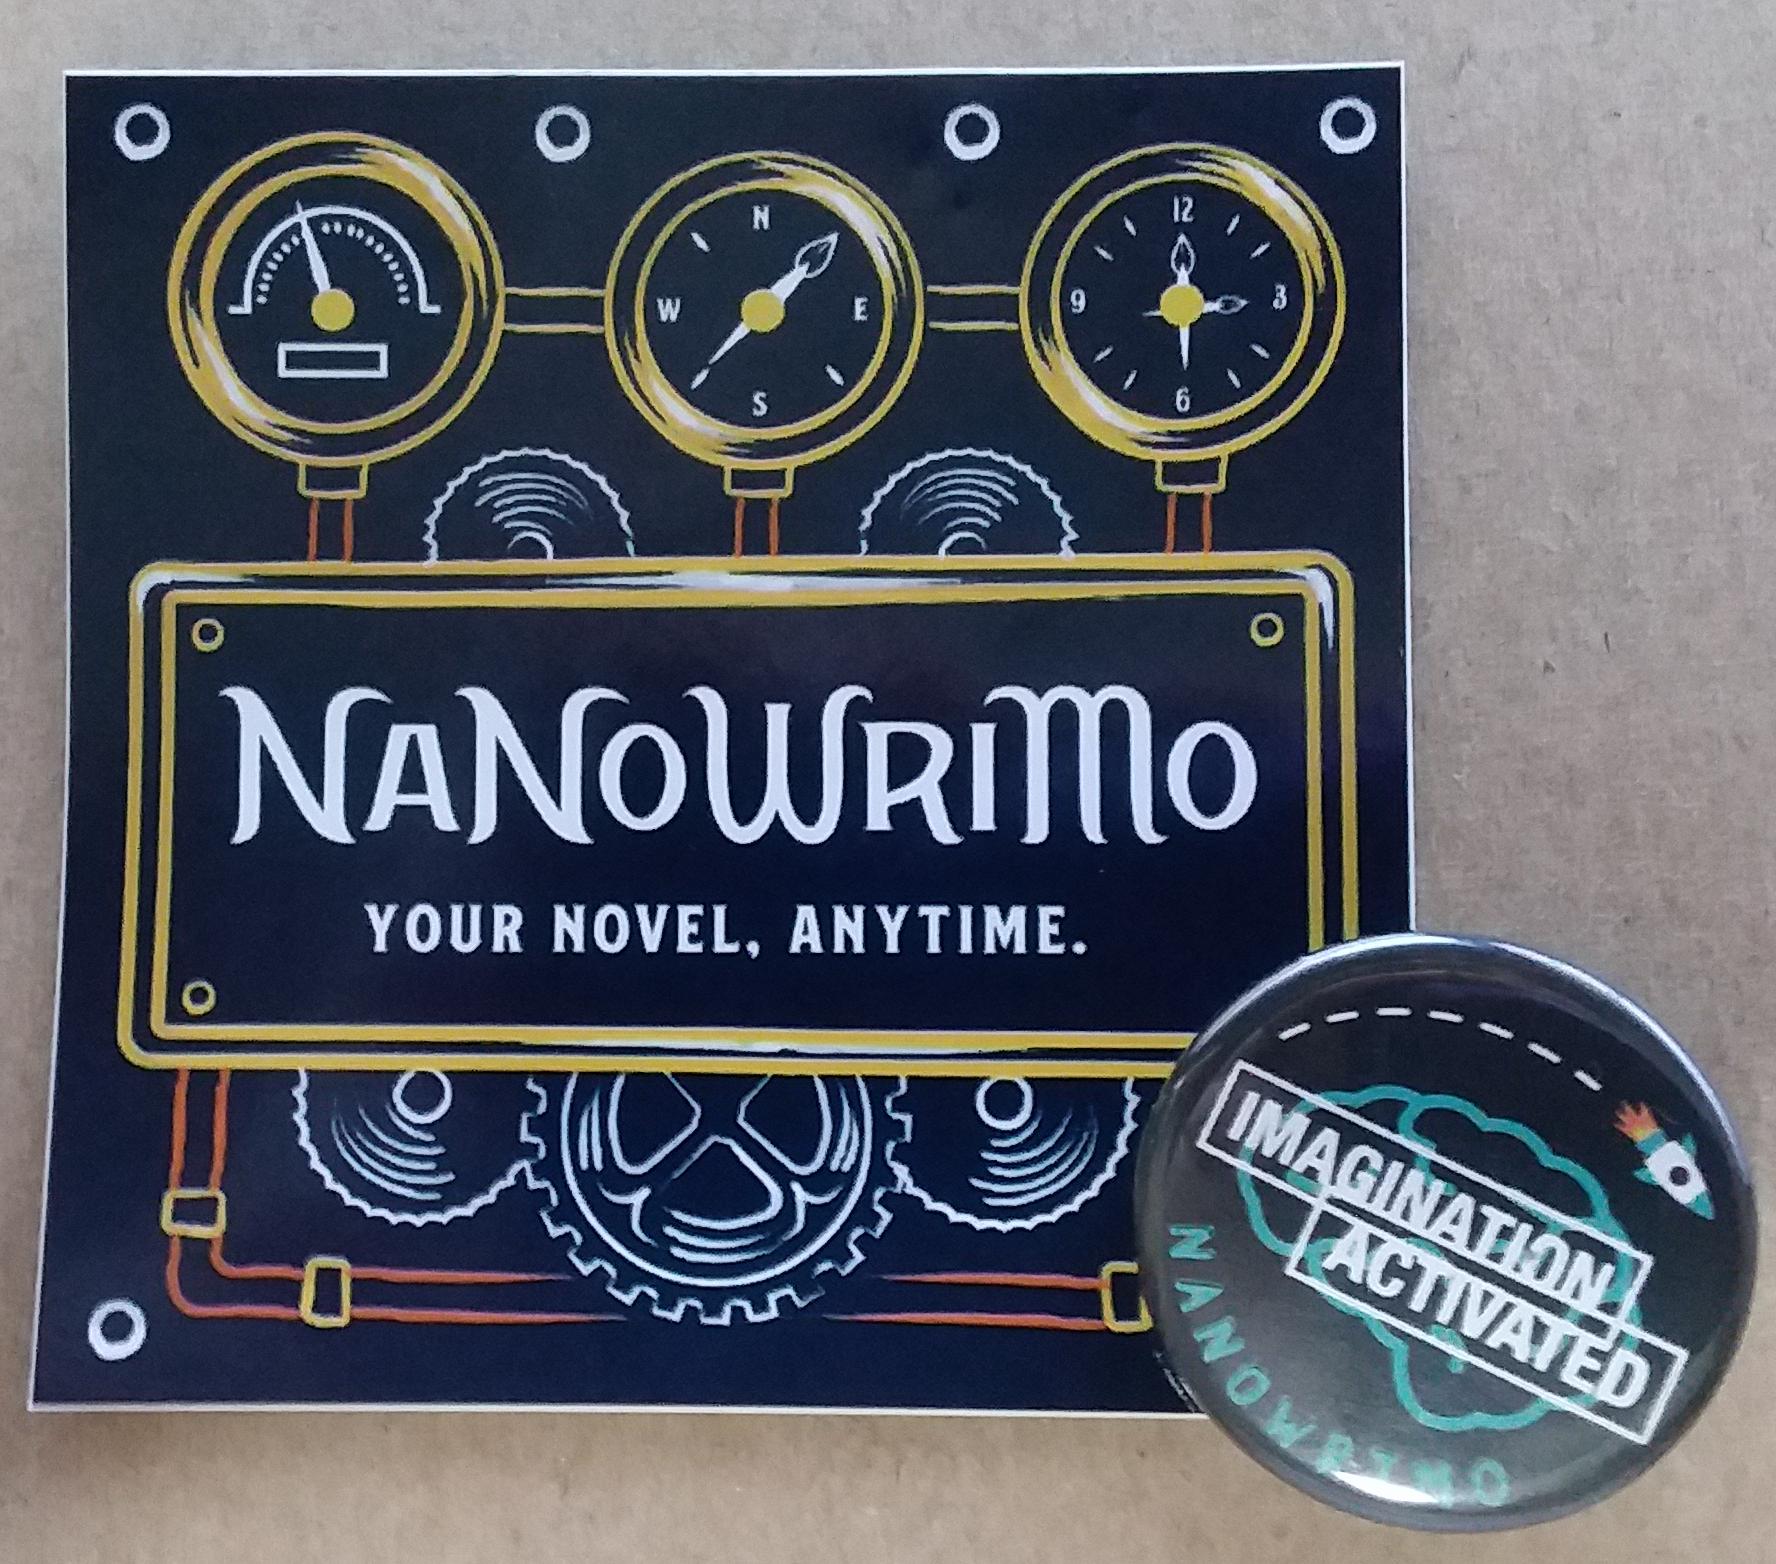 NaNo handouts